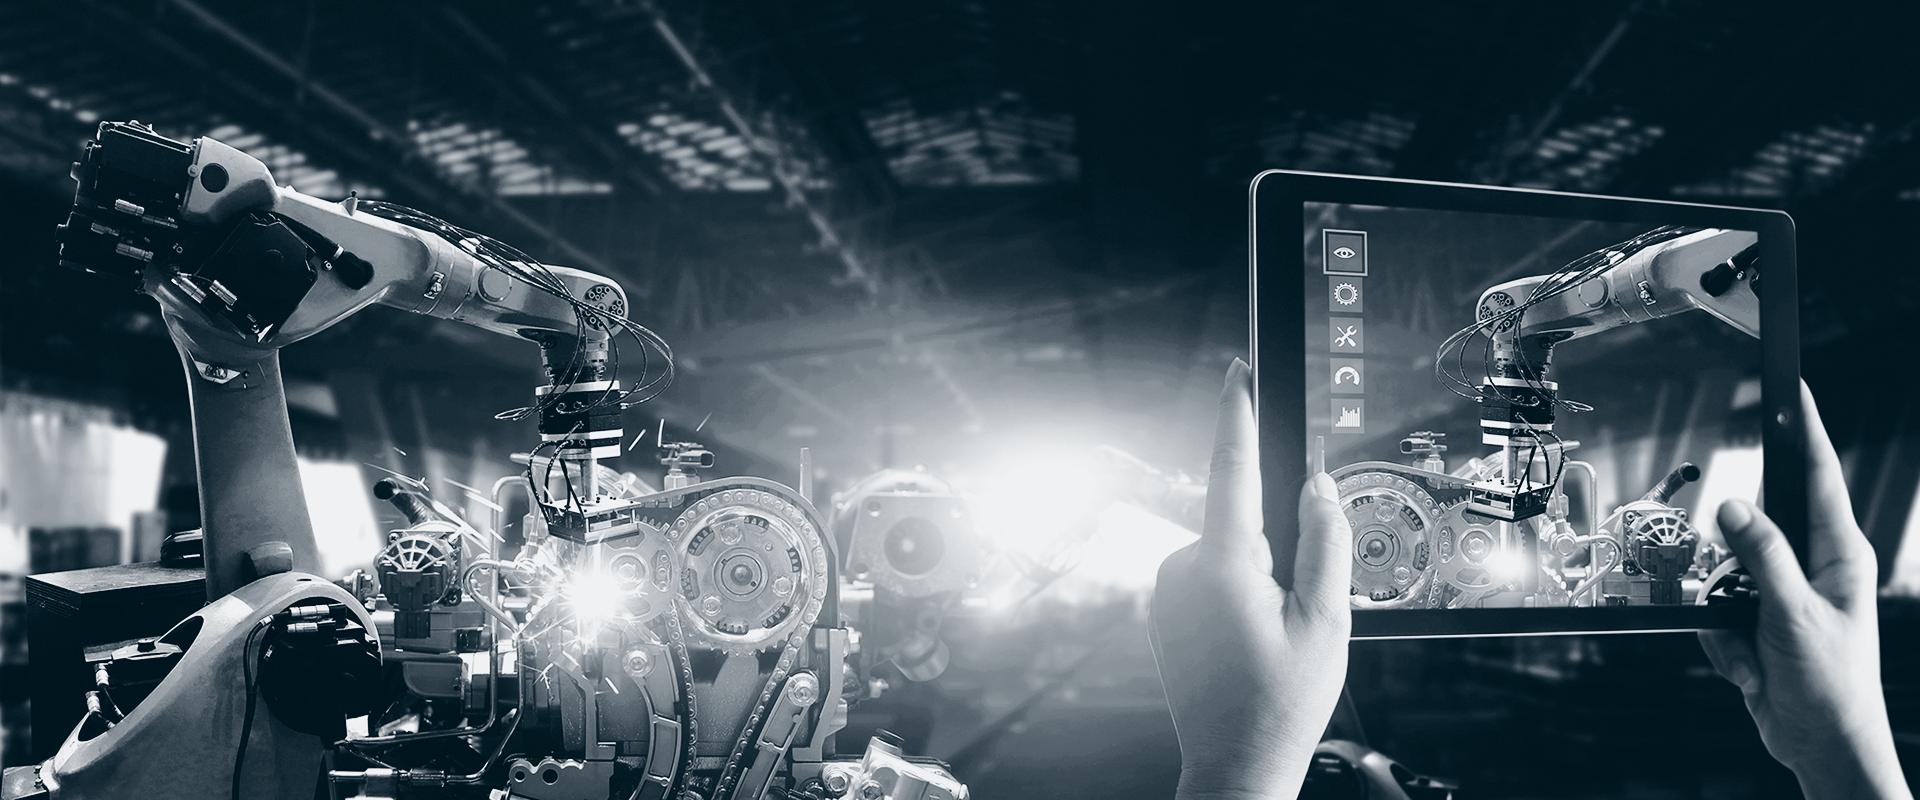 Digitalisering av produksjonsprosess i fabrikk.